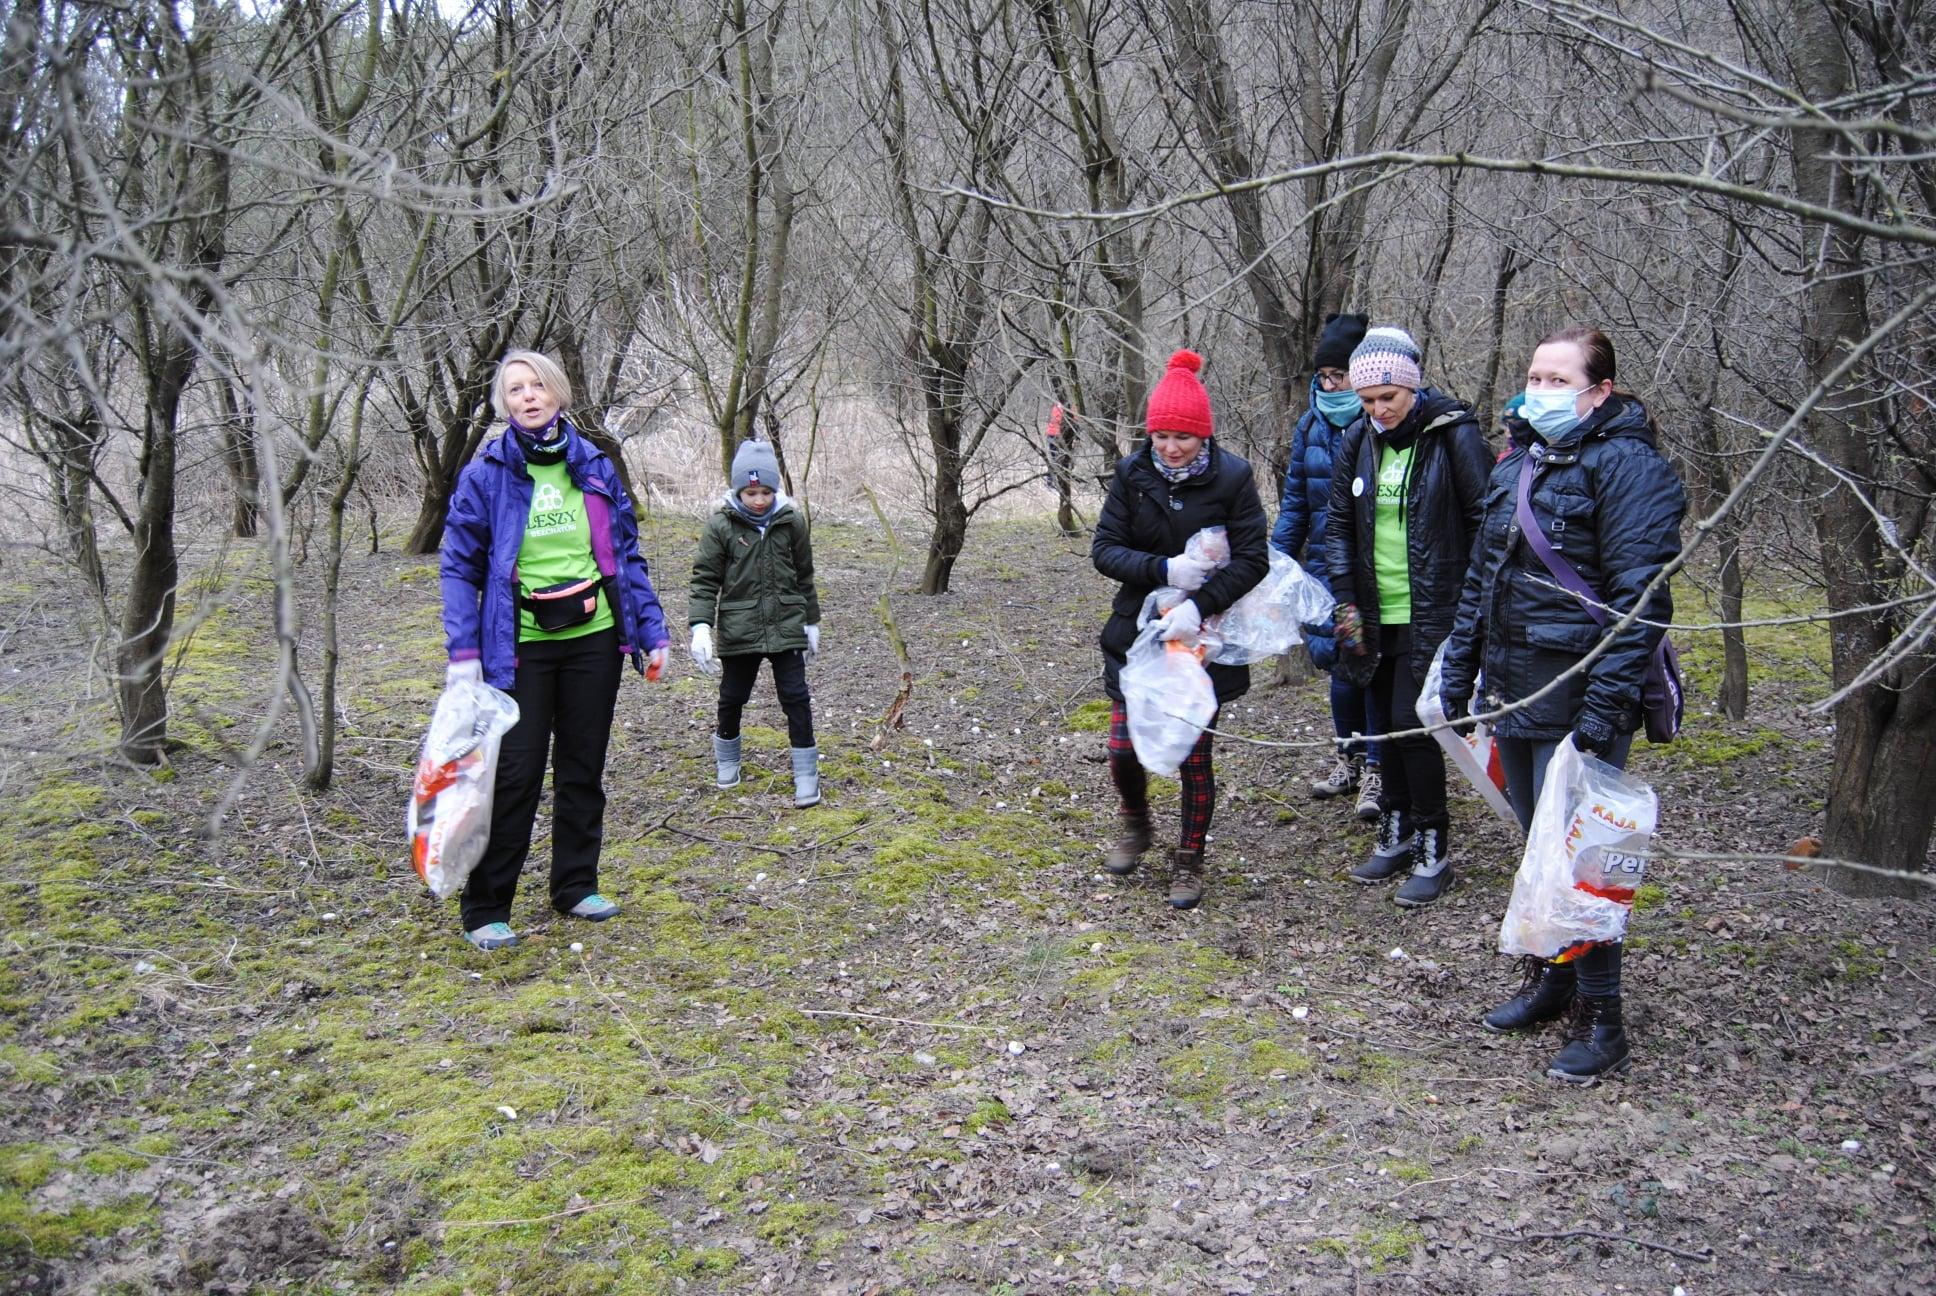 Miłośnicy czystych lasów z Bełchatowa znowu w akcji. Tym razem sprzątali w Kurnosie [FOTO] - Zdjęcie główne